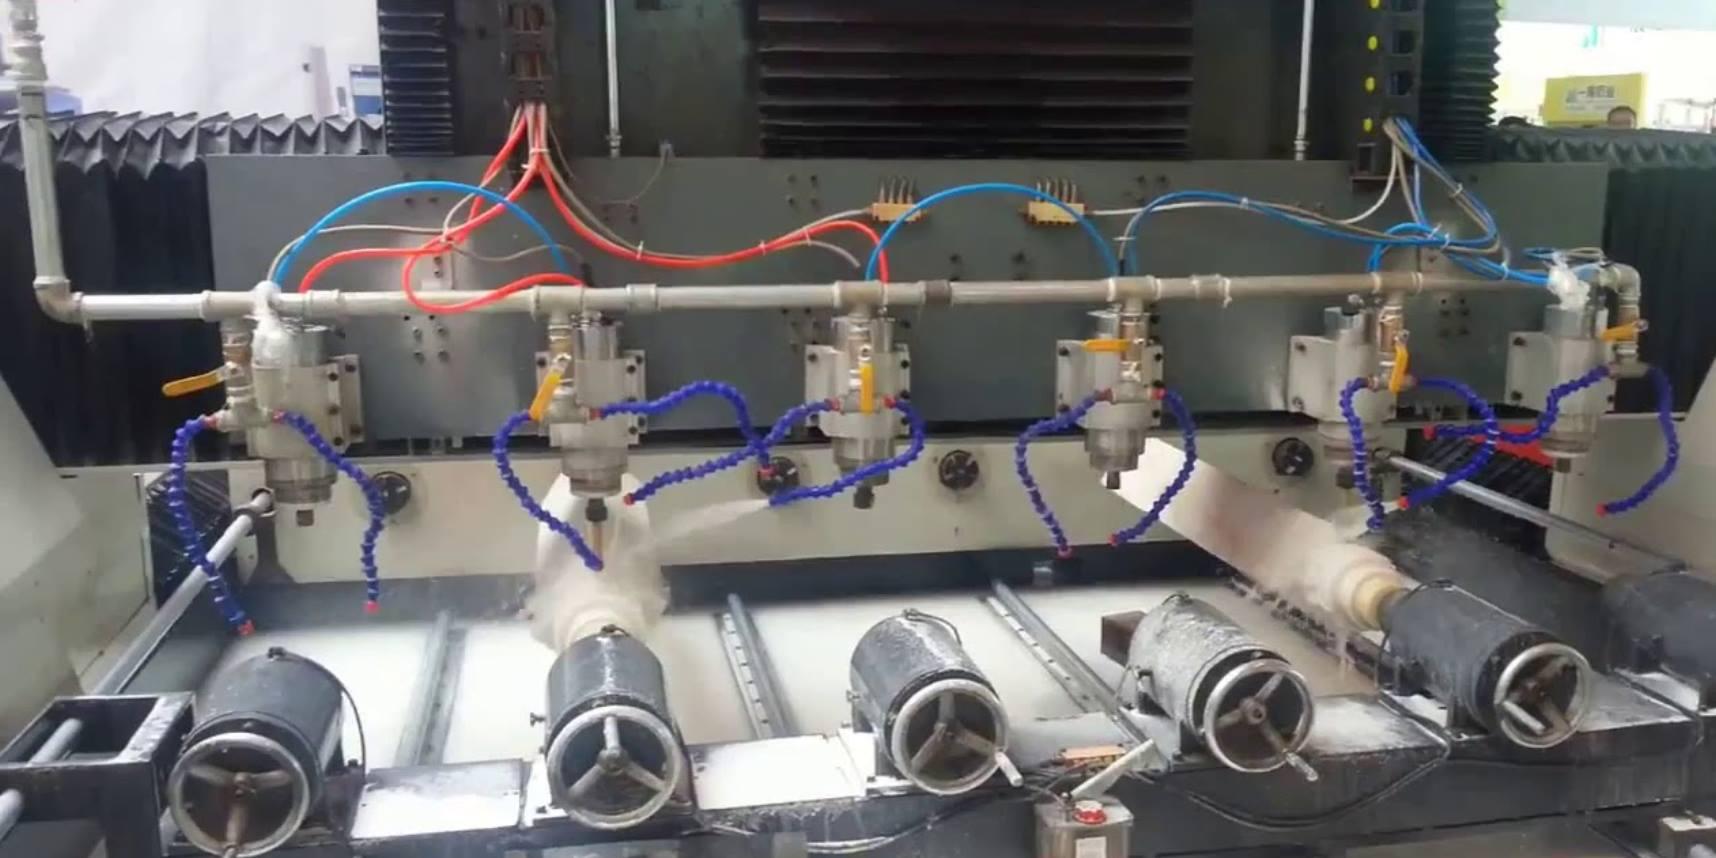 Máy gia công CNC đá - Máy đục đá nhiều đầu   Bán máy 2D, 3D, 4D Hồ Chí Minh và Hà Nội. Giao hàng trên toàn quốc, giao hàng nhanh, miễn phí giao hàng...